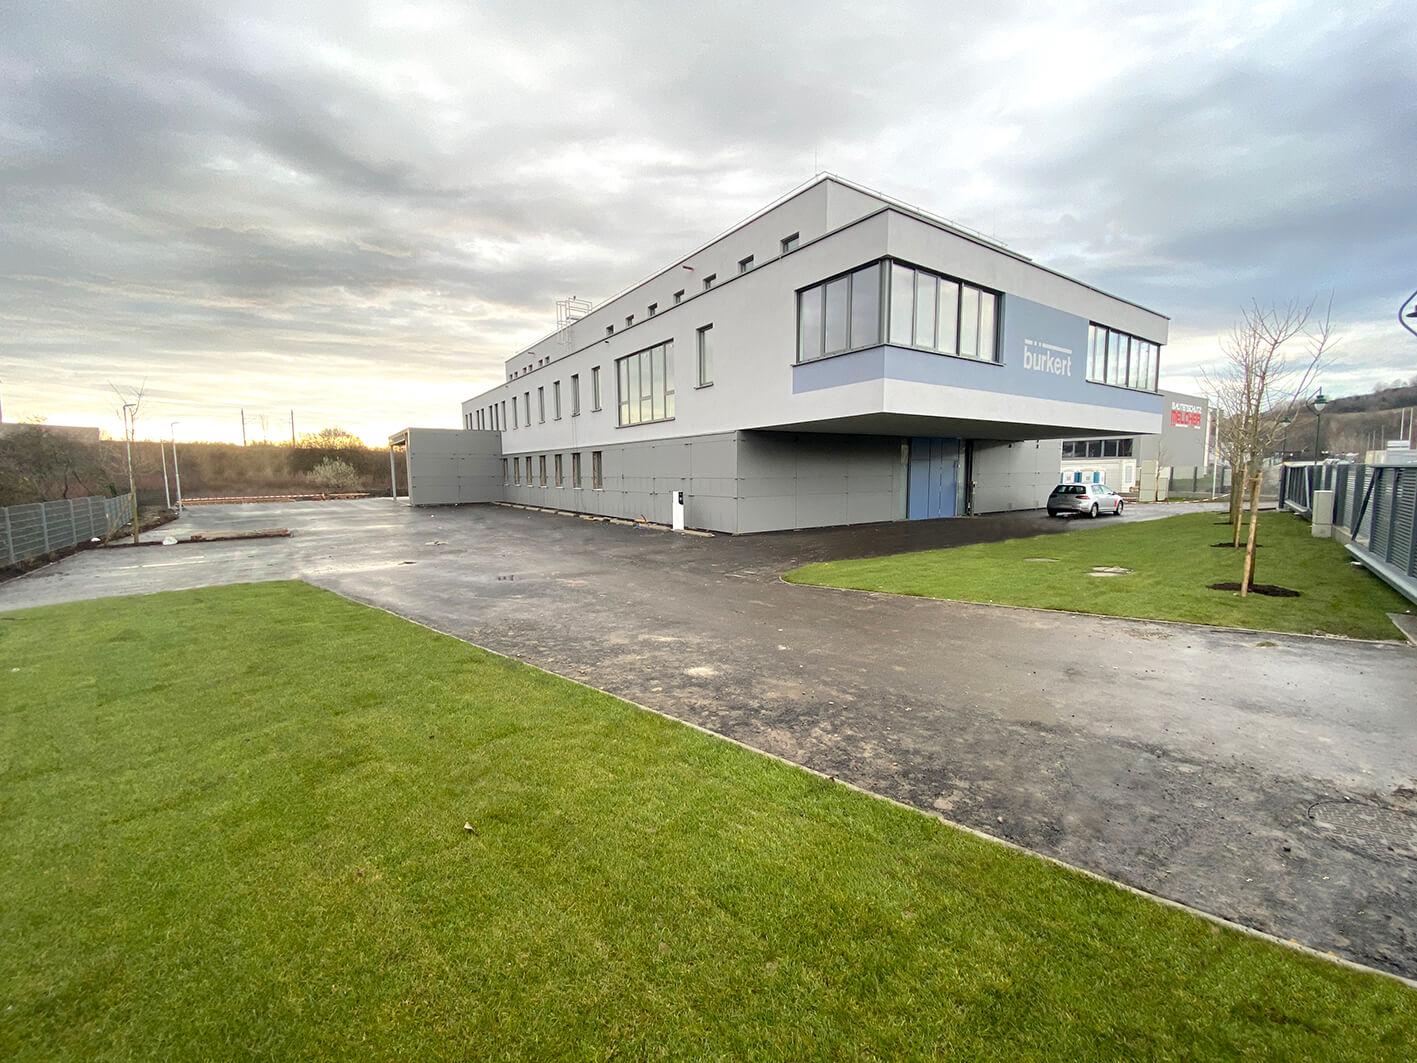 Exterior view of Burkert in Mödling